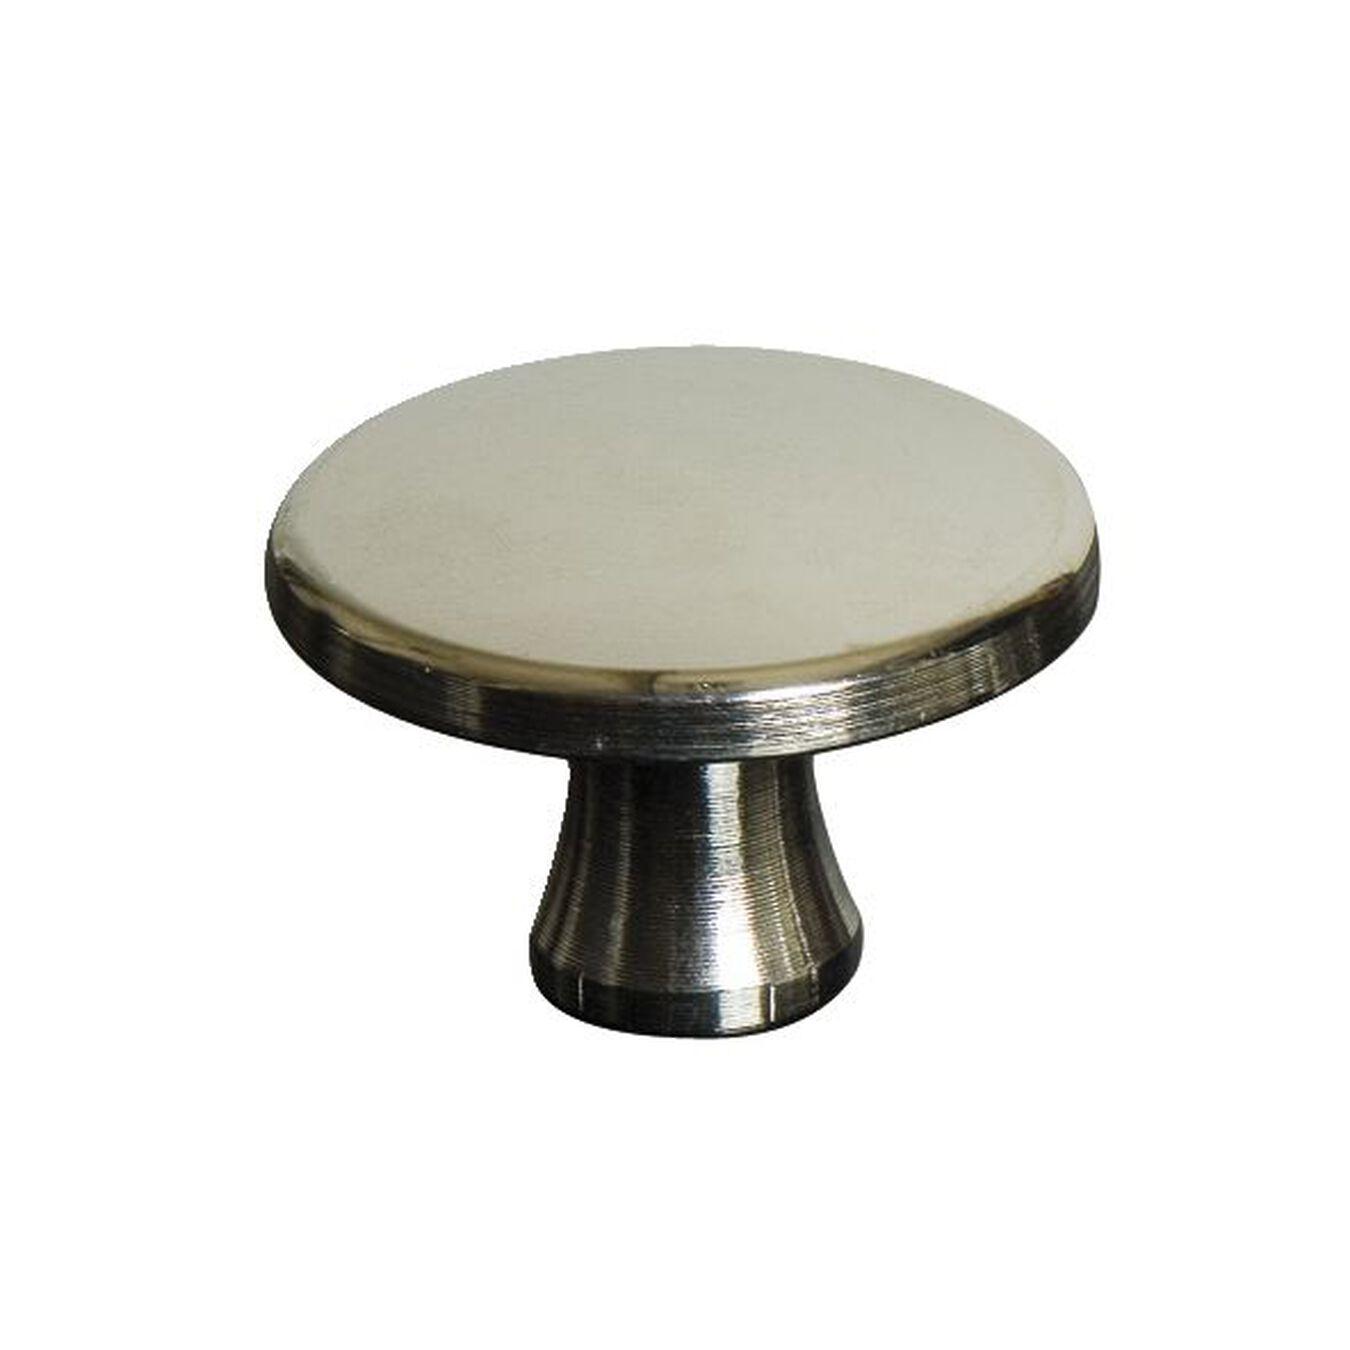 Nickelknauf klein 2 cm, Messing,,large 1